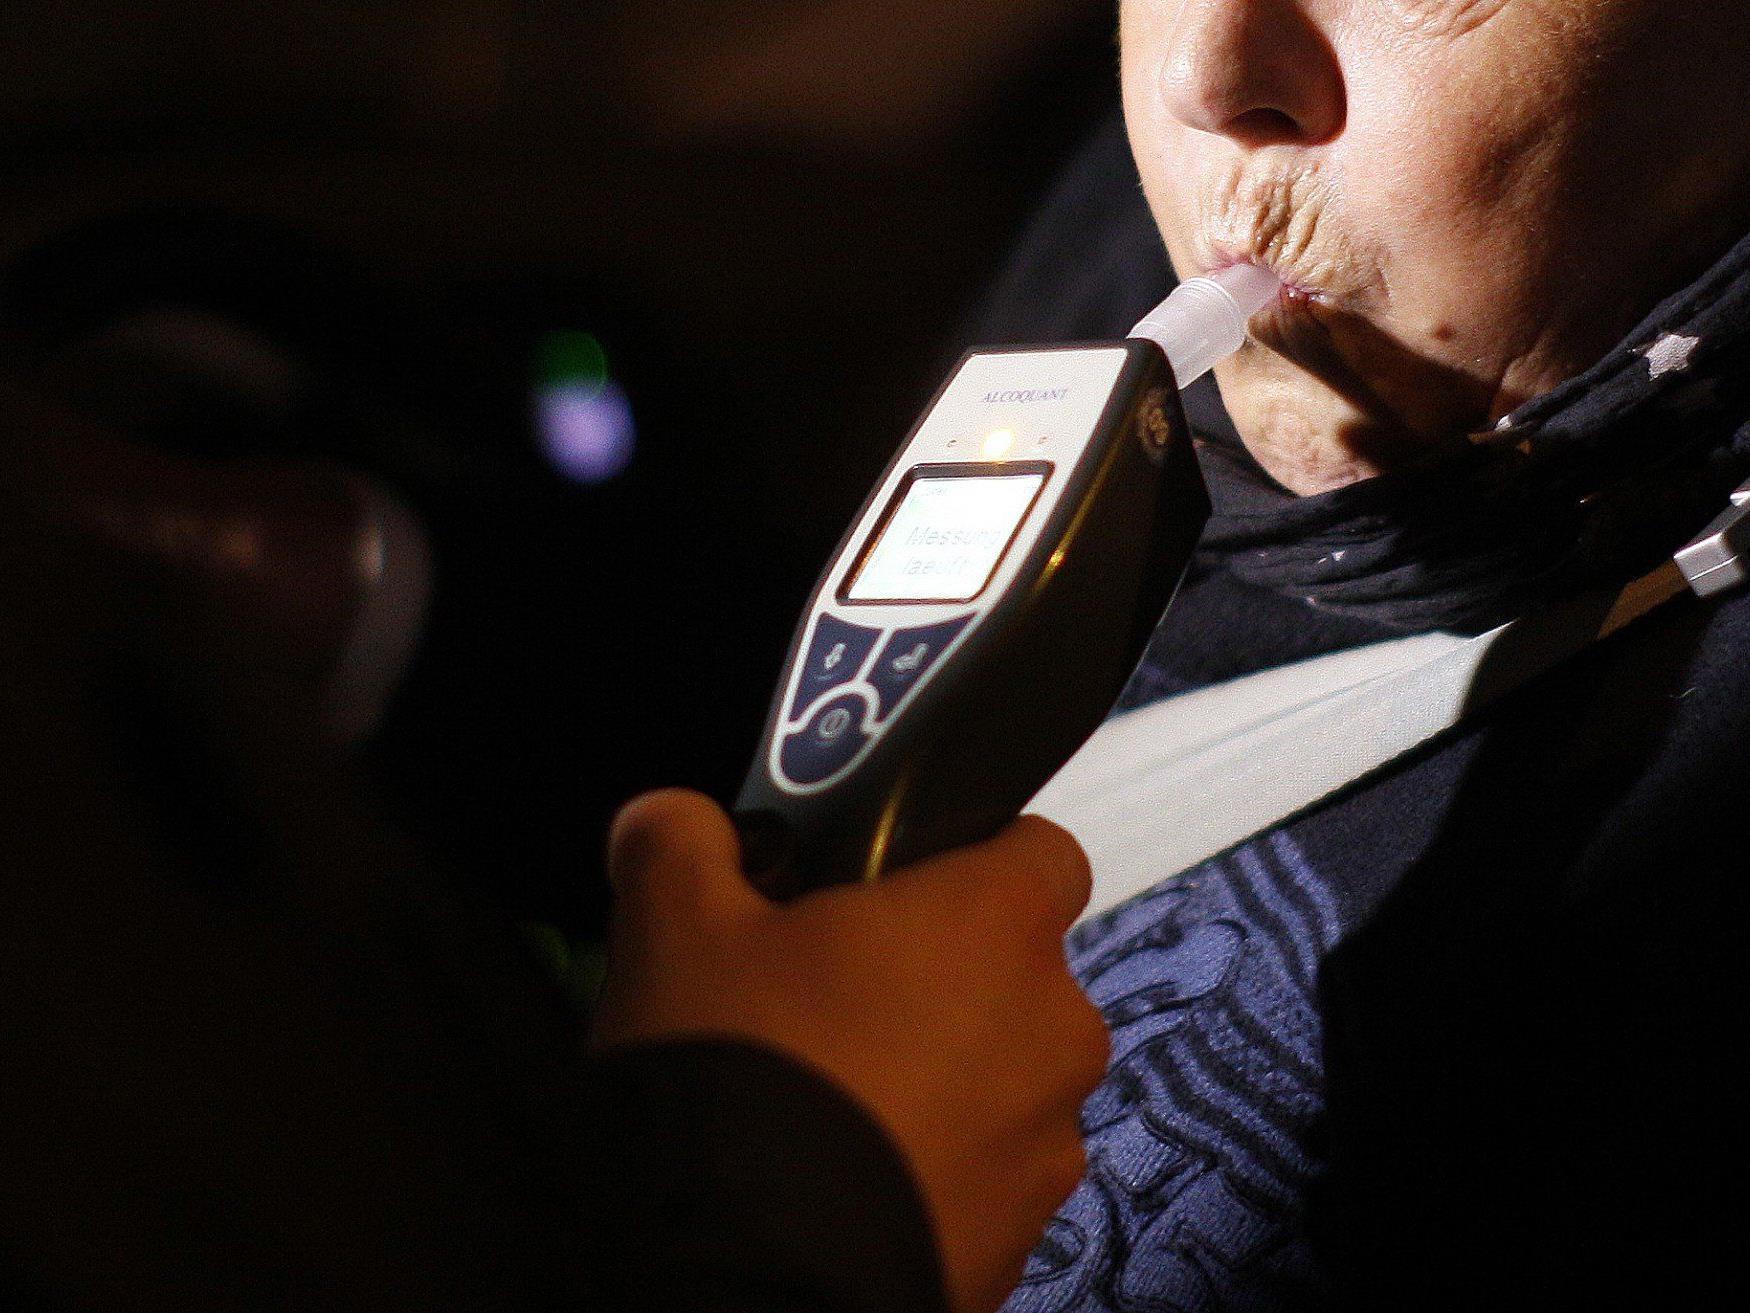 Alkohol am Steuer ist an sich schon eine schlechte Idee - im Ausland fallen die Strafen aber noch wesentlich drastischer aus als bei uns.